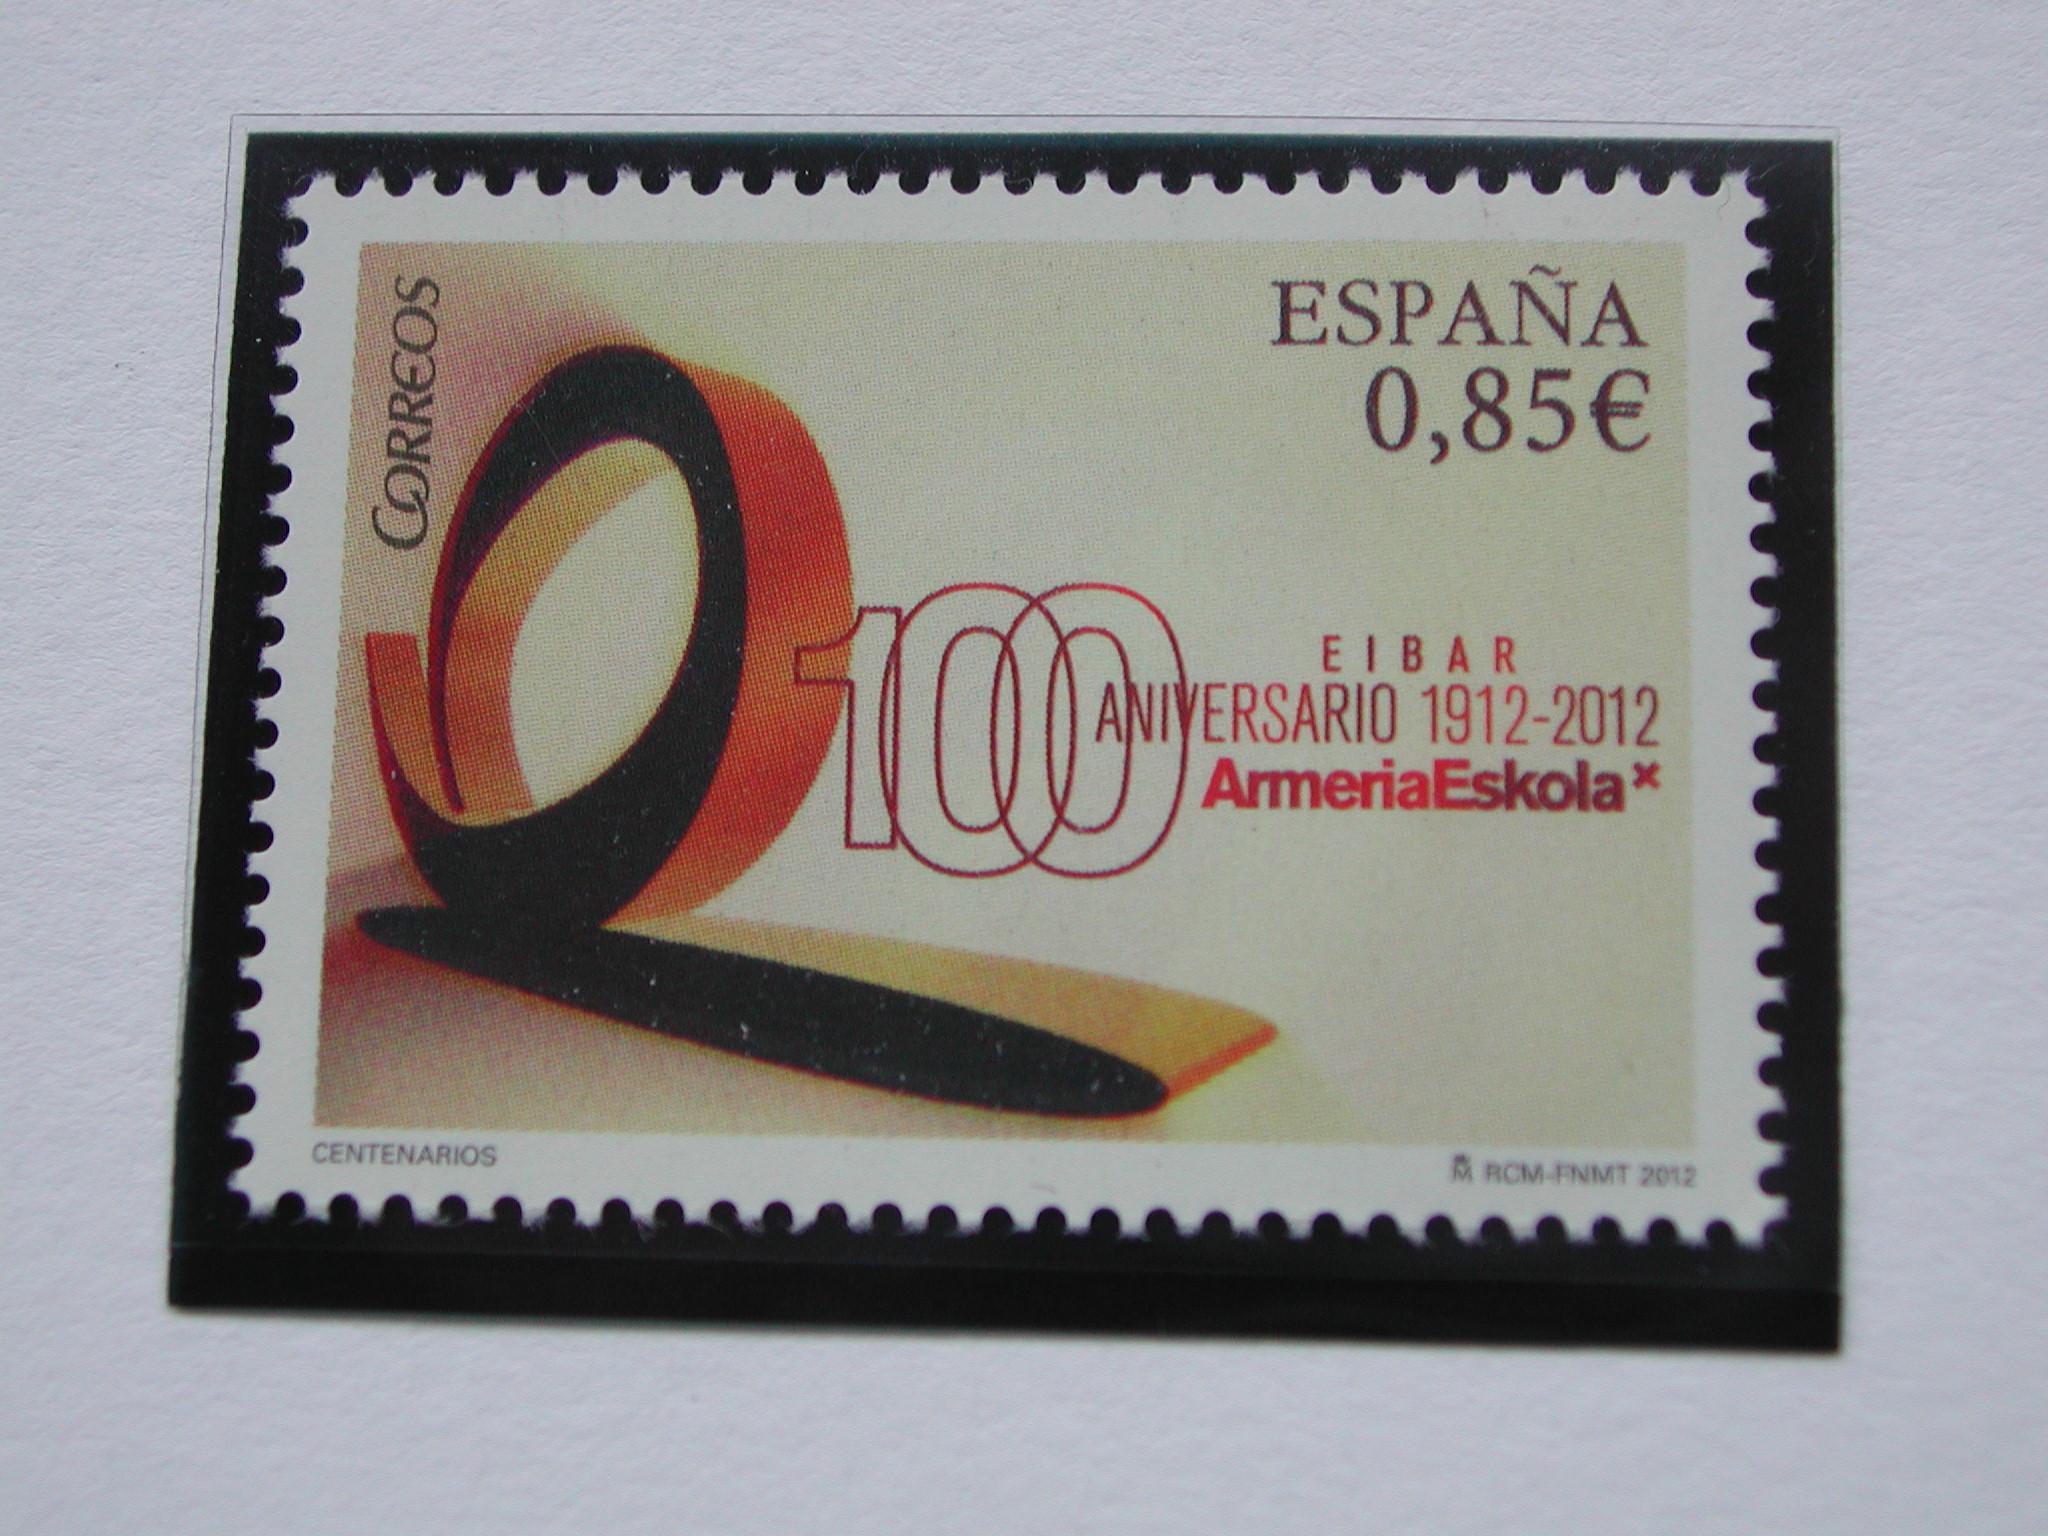 """Sello de correos conmemorativo """"100 años Armeria eskola"""""""